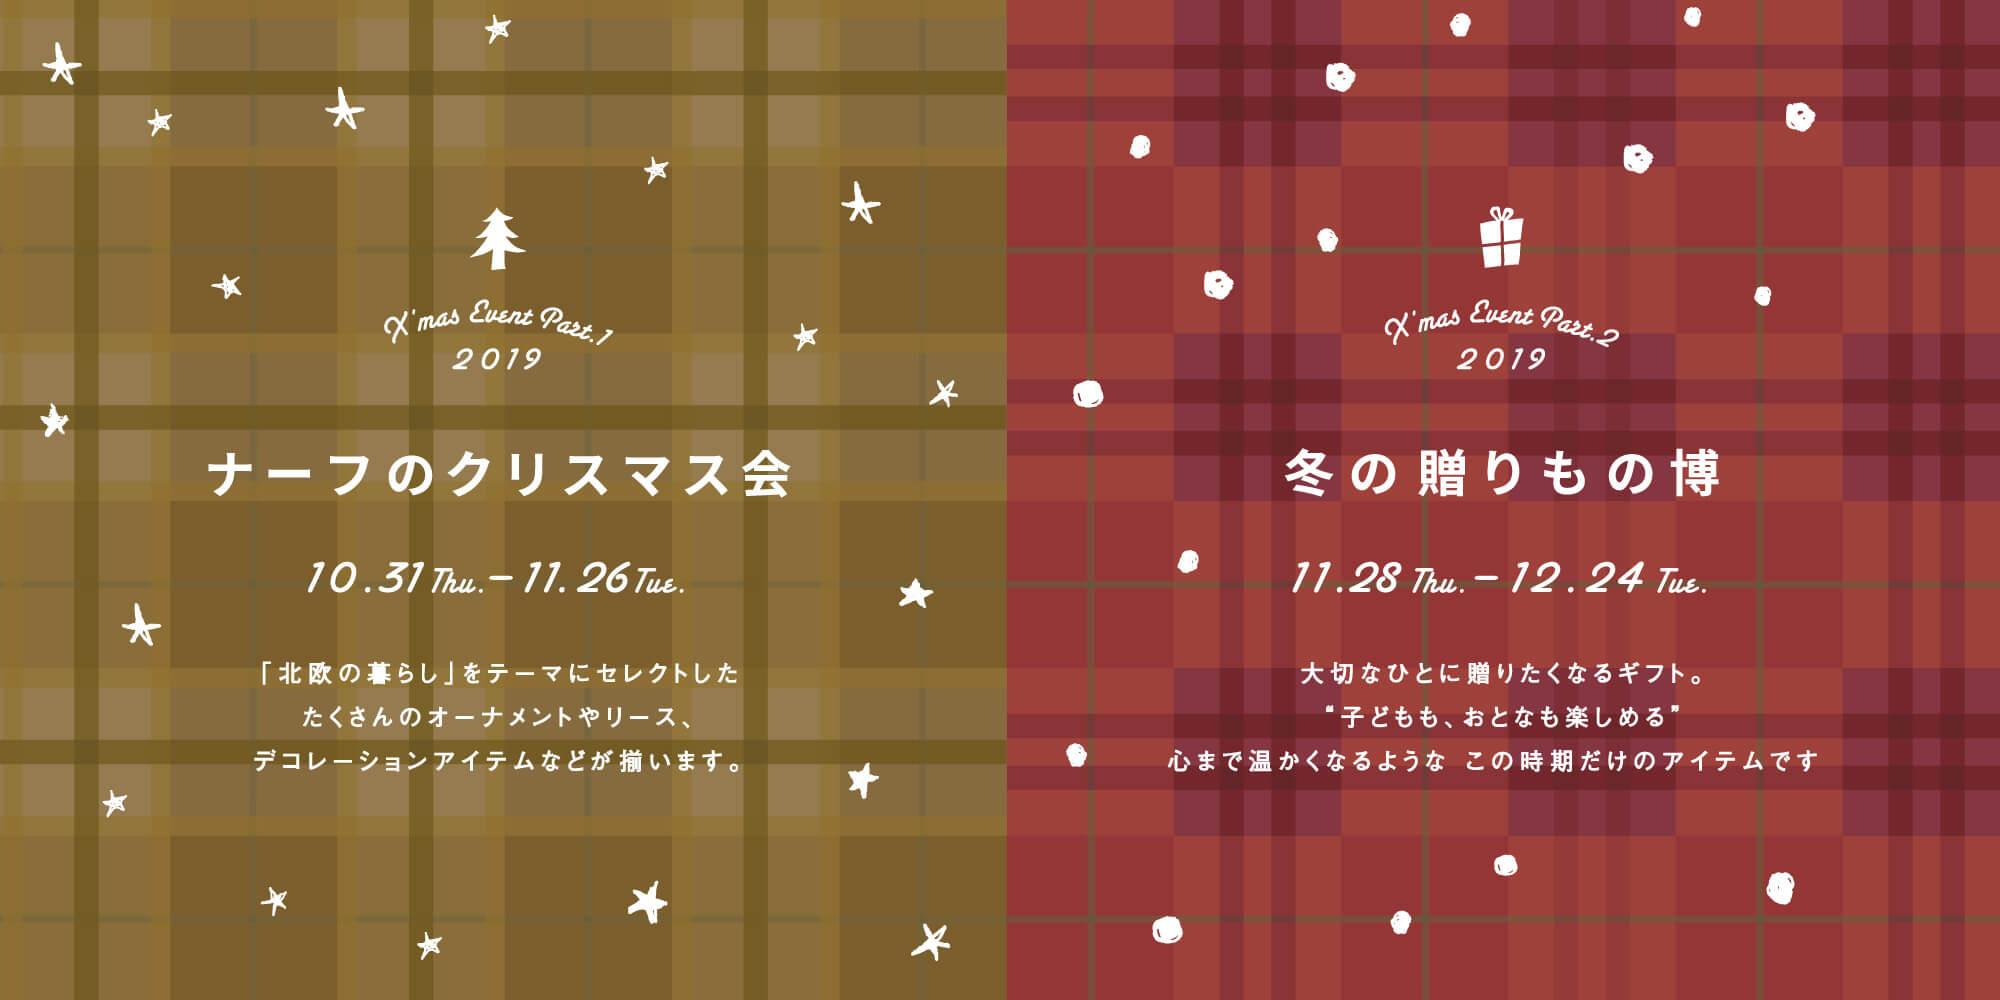 ナーフのクリスマス会、冬の贈りもの博のイベント情報を掲載しました。